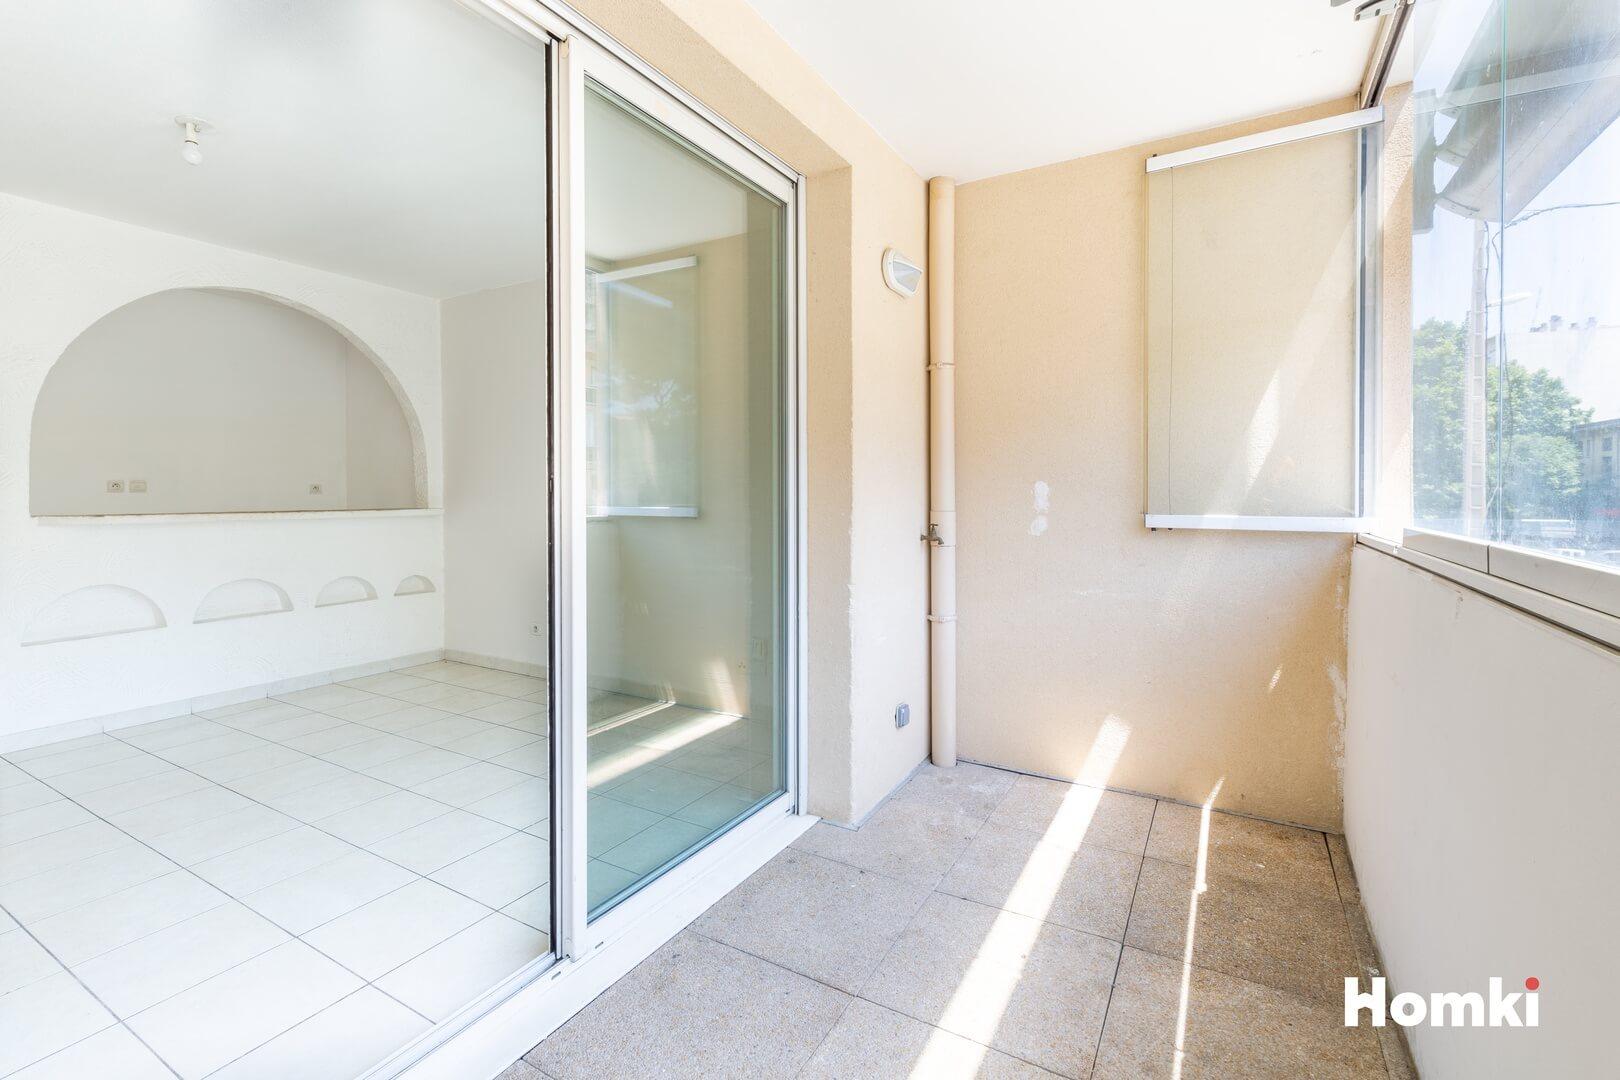 Homki - Vente Appartement  de 54.0 m² à Toulon 83200